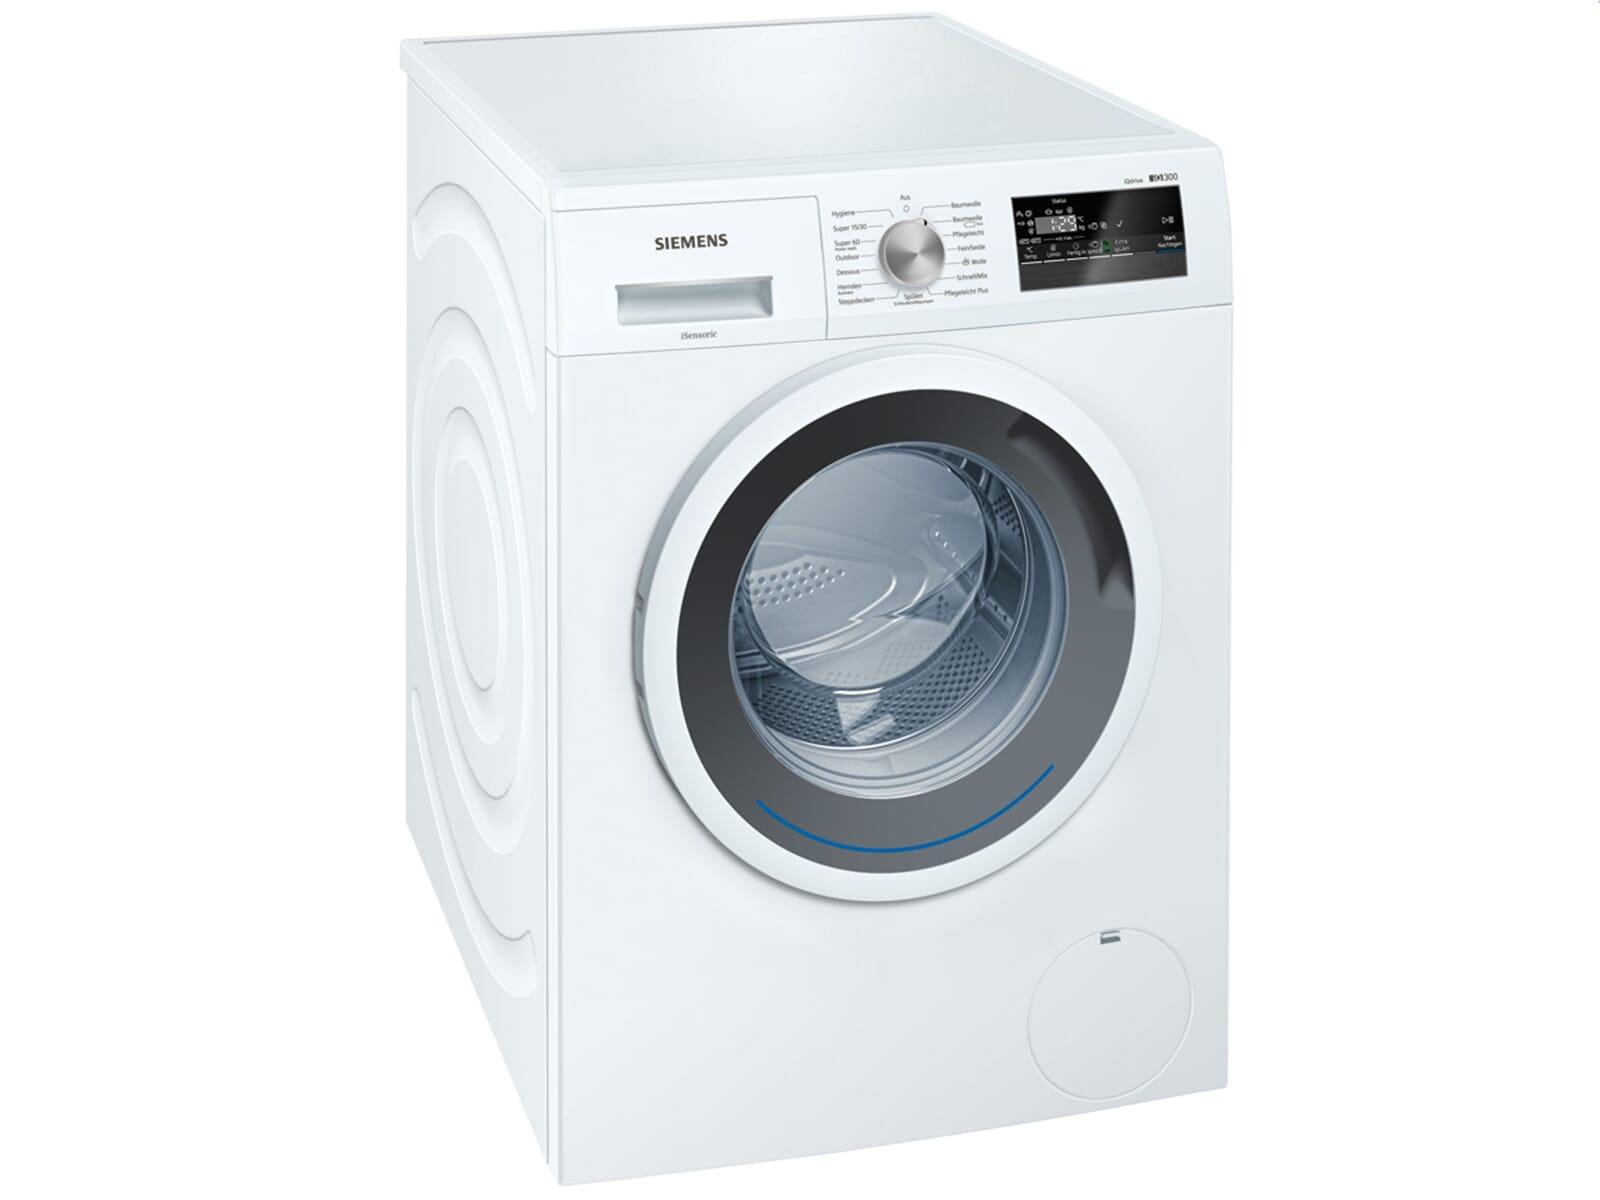 waschmaschine siemens inspirierendes design f r wohnm bel. Black Bedroom Furniture Sets. Home Design Ideas